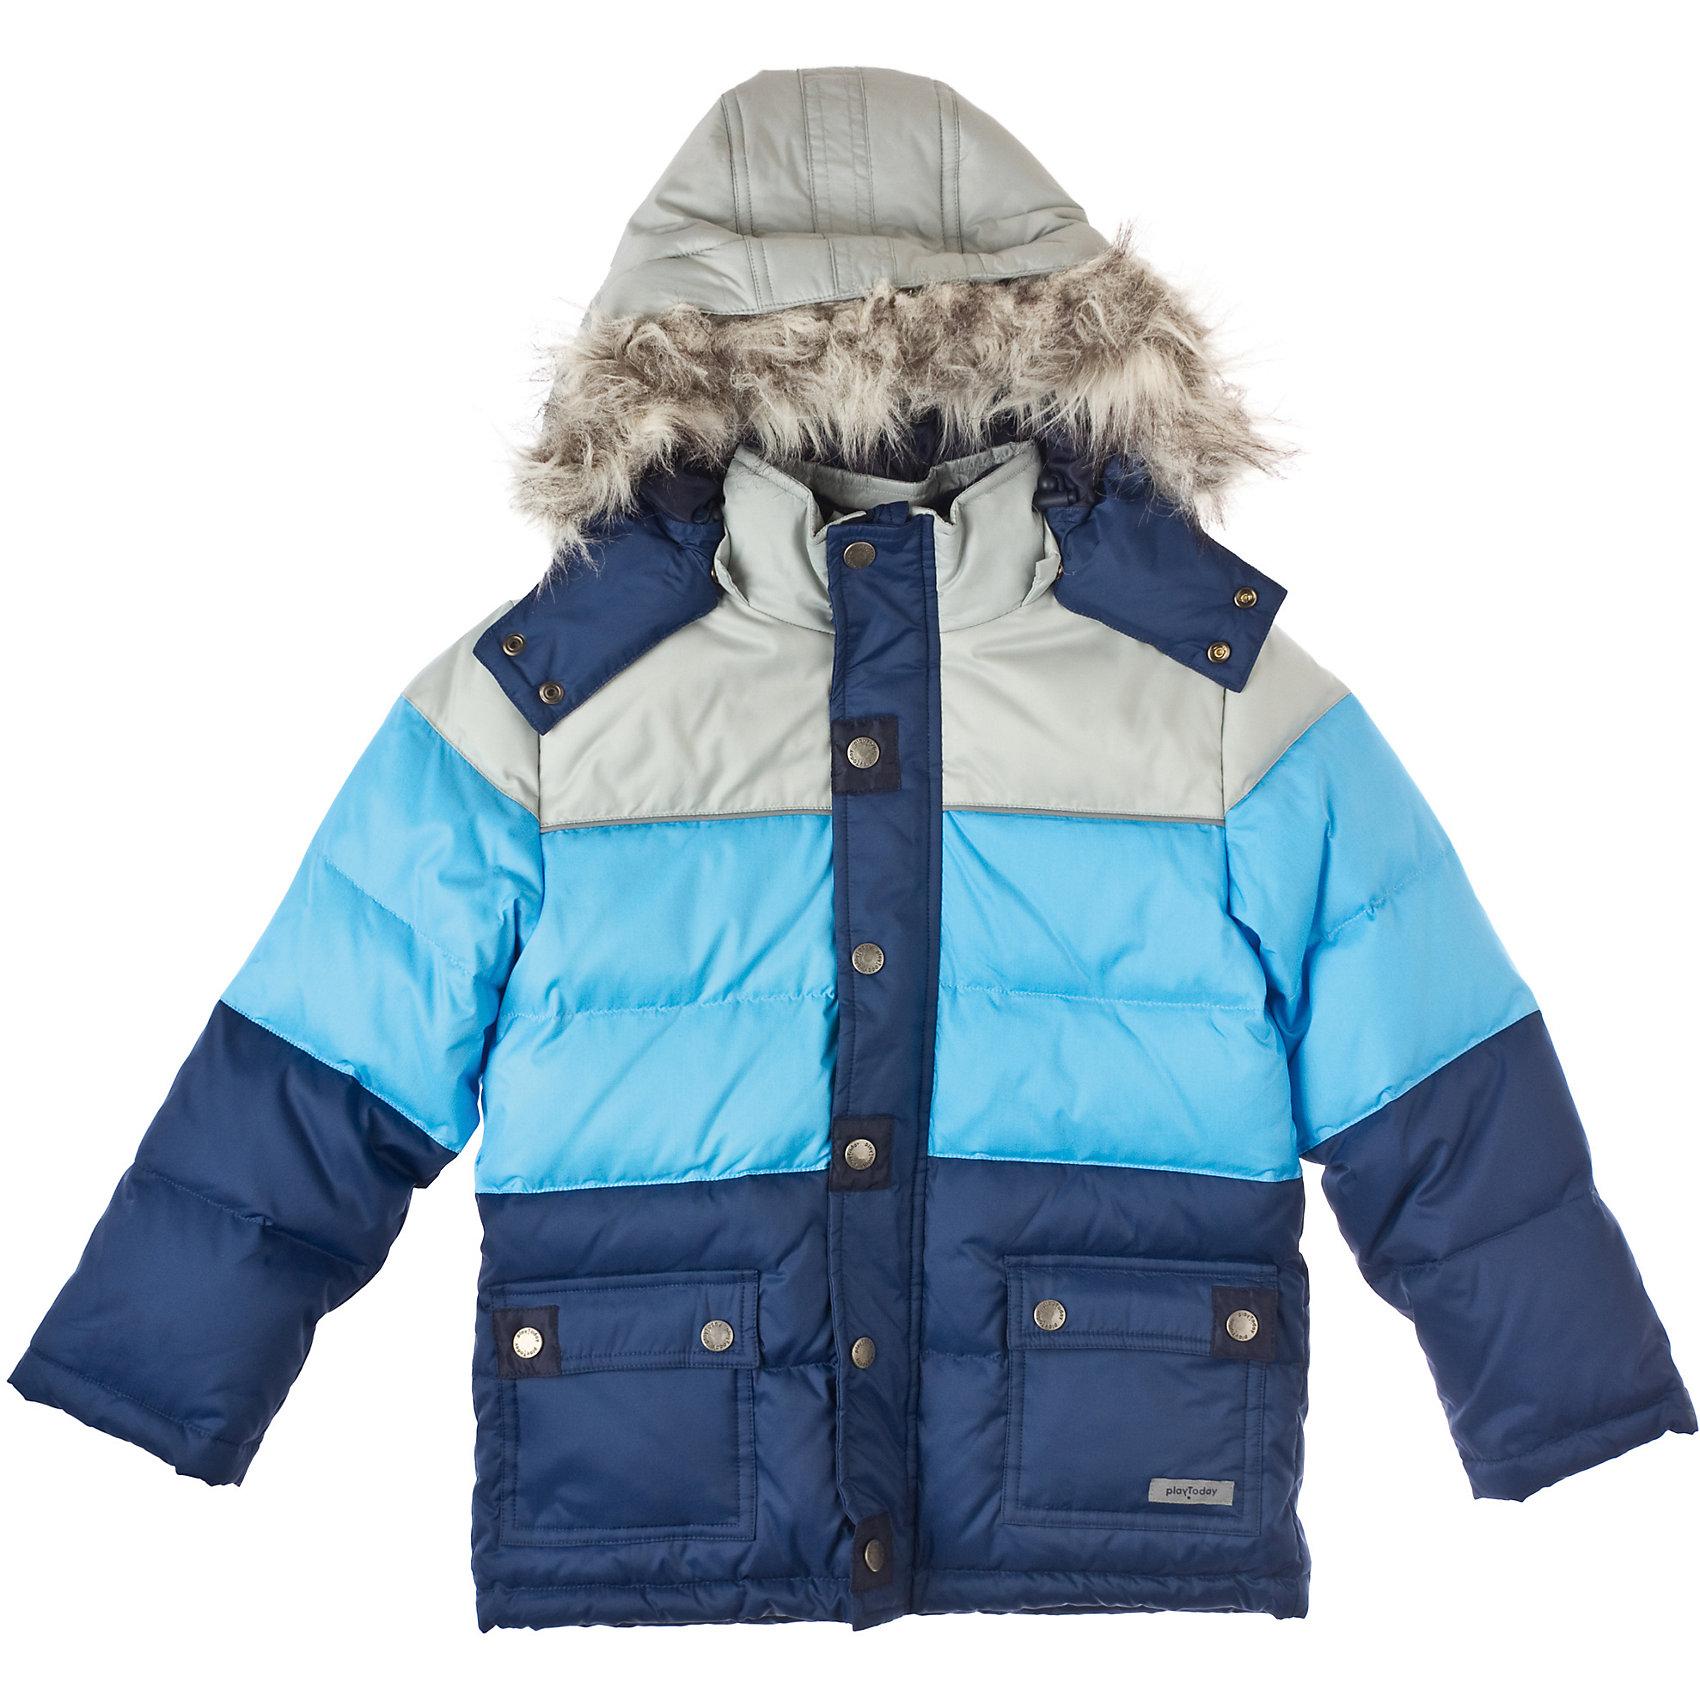 Куртка для мальчика PlayTodayВерхняя одежда<br>Куртка для мальчика PlayToday Теплая куртка на флисовой подкладкой из непромокаемой ткани. Украшена искусственным мехом. Капюшон отстегивается. Есть дополнительная защита от ветра и два кармана на пуговицах. Состав: Верх: 100% нейлон,  подкладка: 100% полиэстер, наполнитель: 80% пух, 20% перо<br><br>Ширина мм: 356<br>Глубина мм: 10<br>Высота мм: 245<br>Вес г: 519<br>Цвет: серый/синий<br>Возраст от месяцев: 36<br>Возраст до месяцев: 48<br>Пол: Мужской<br>Возраст: Детский<br>Размер: 104,98,122,110,128,116<br>SKU: 4227828